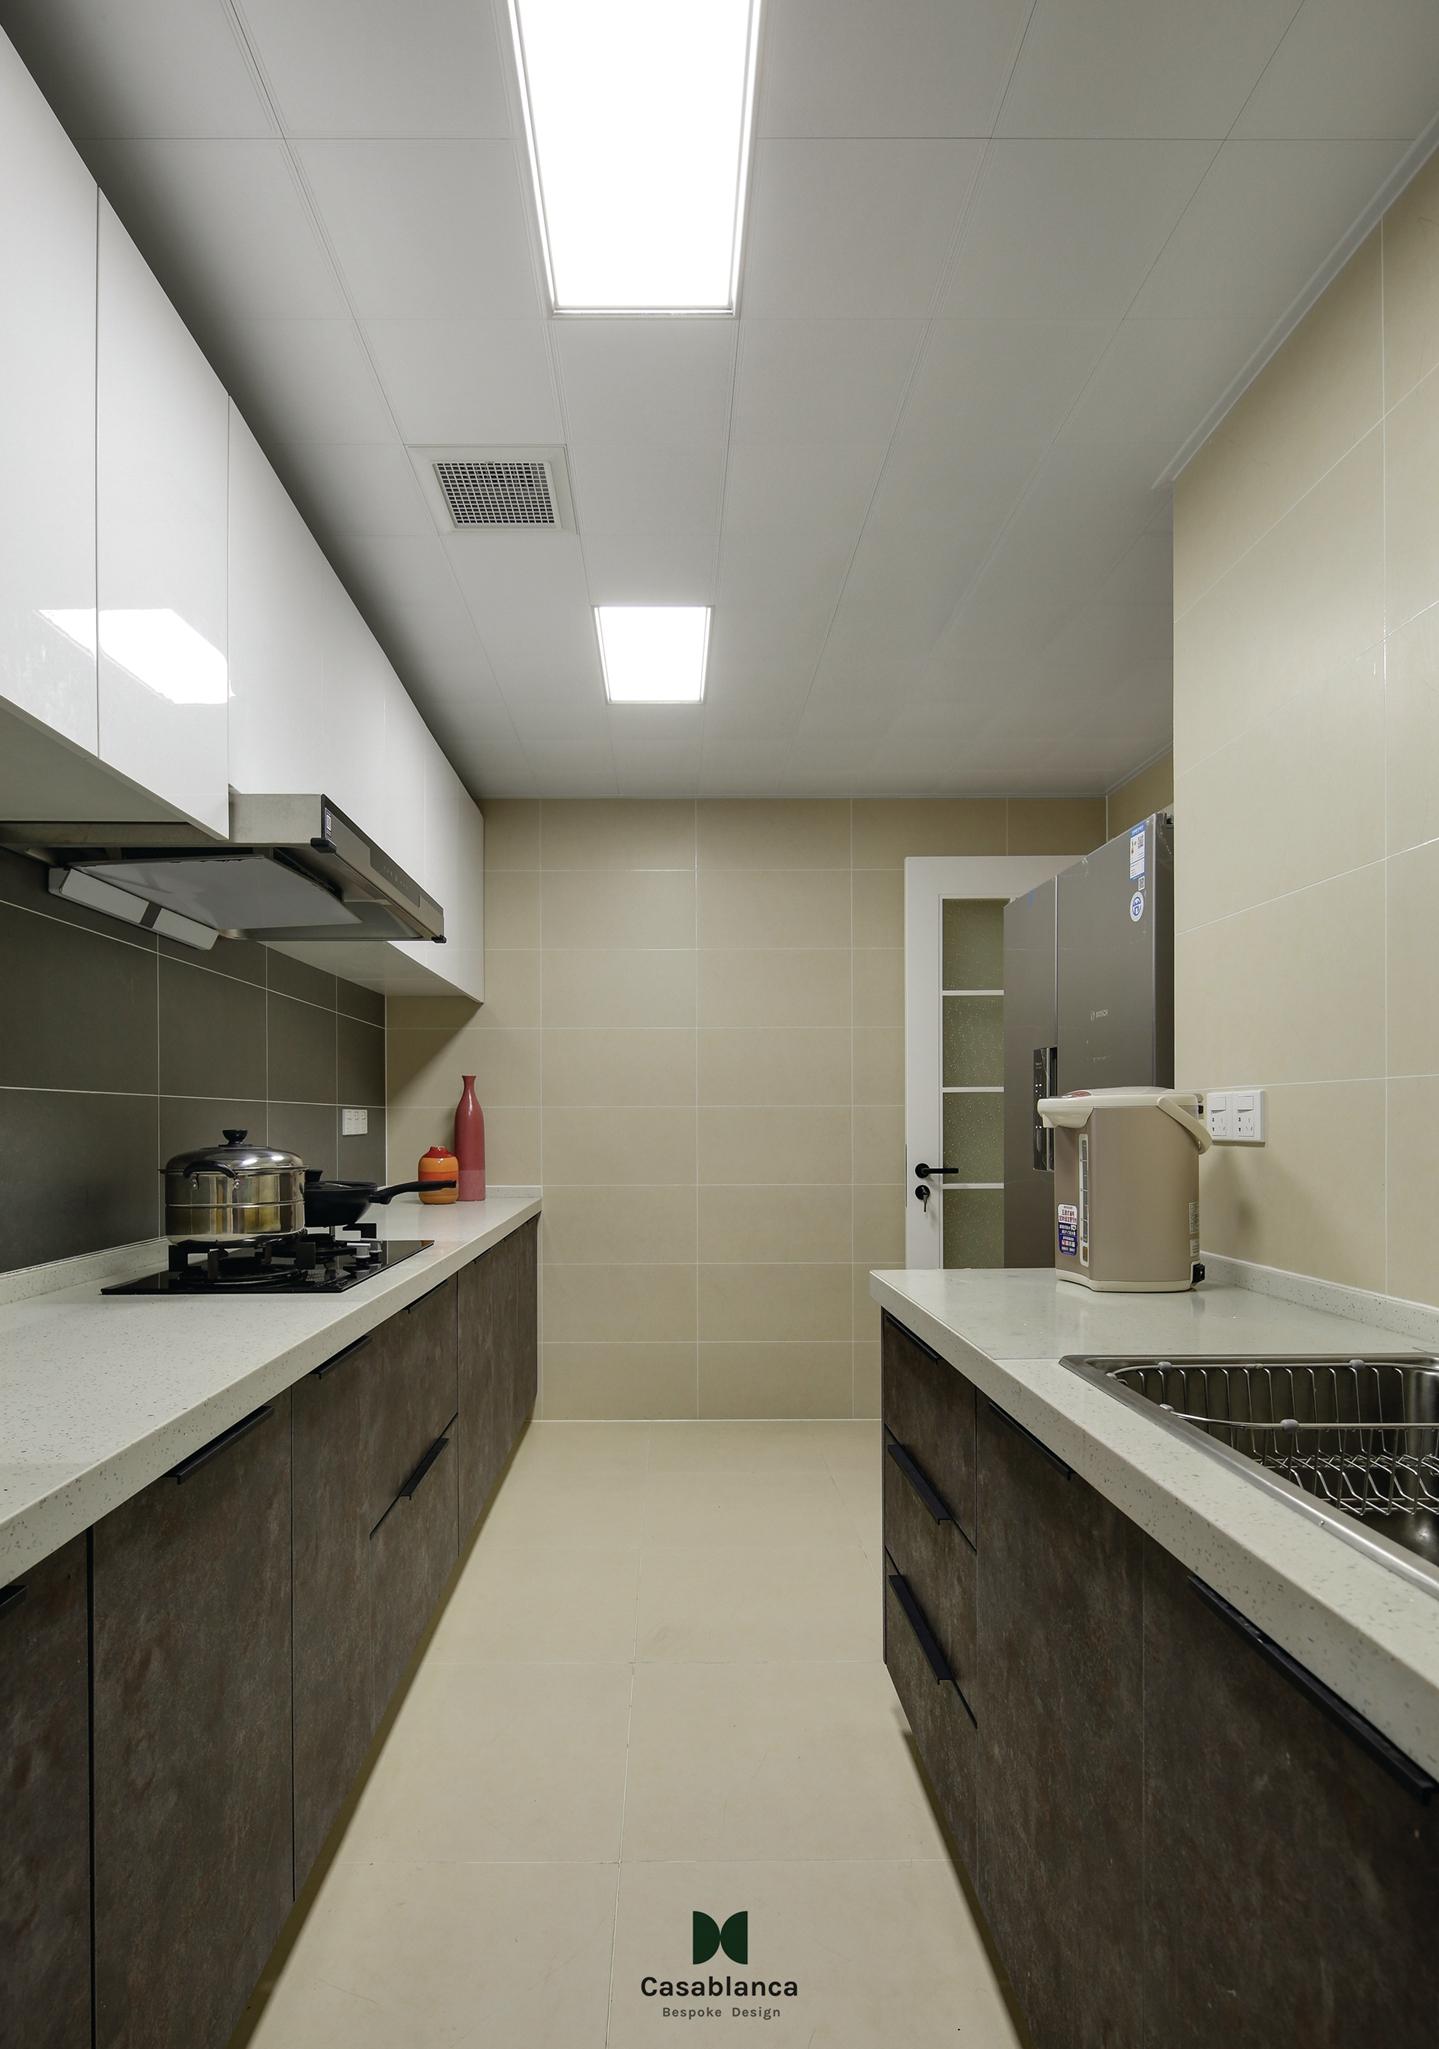 简约 三居 小资 厨房图片来自王玲在让家愉悦自己的分享